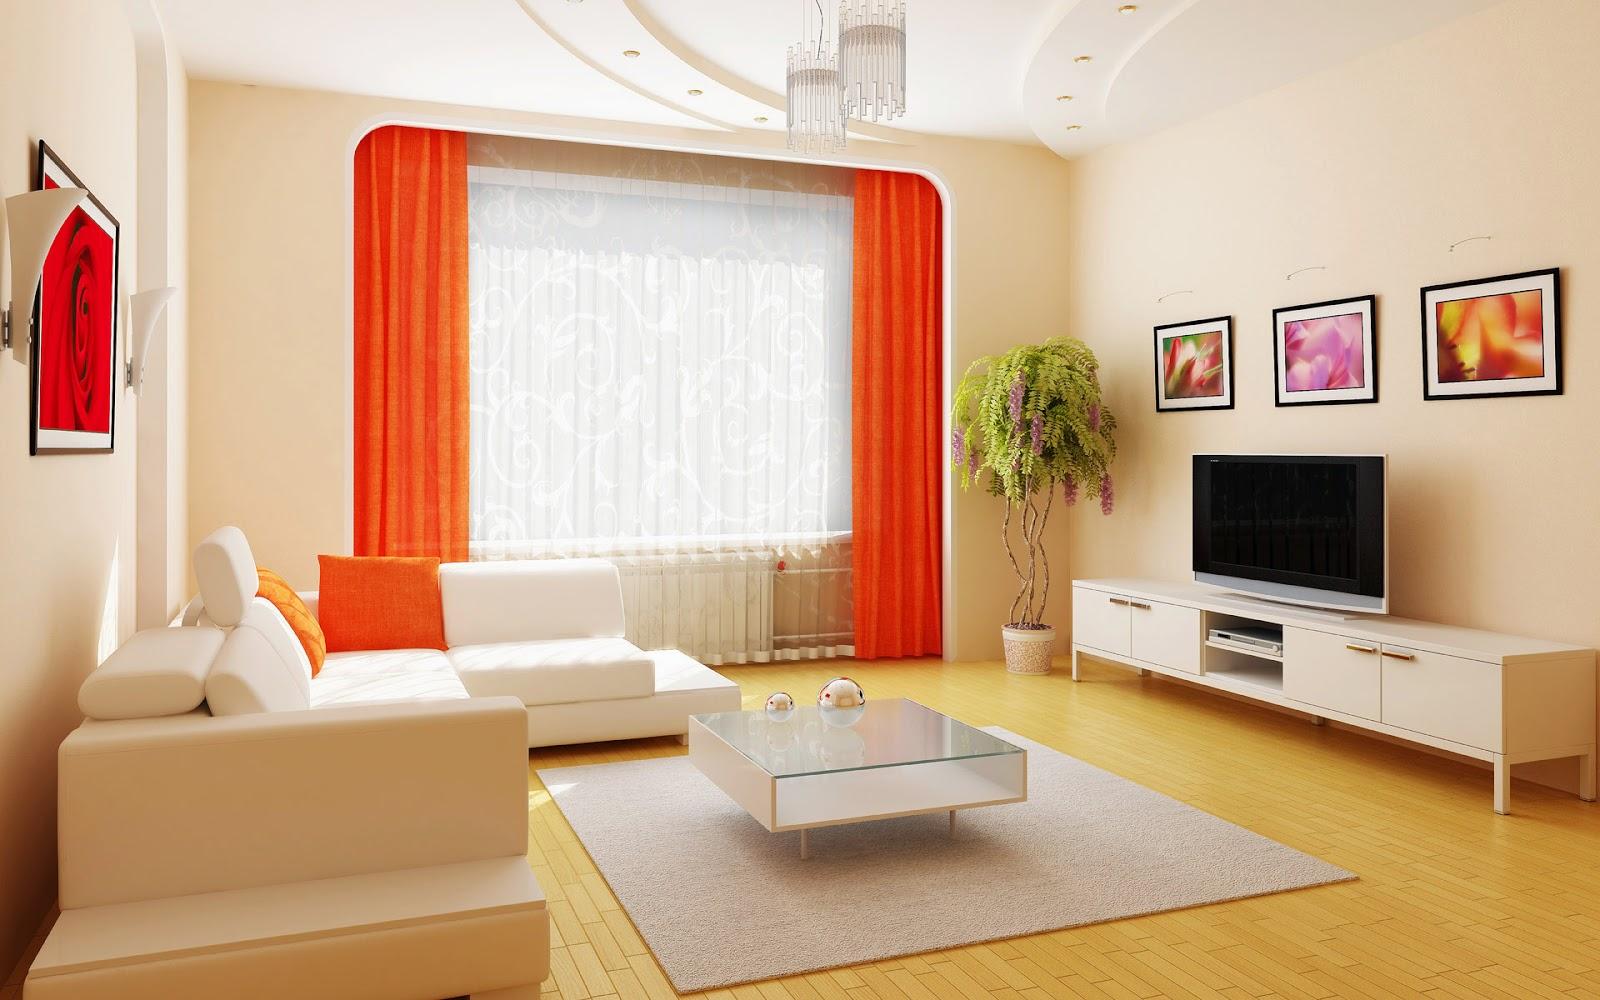 Contoh Ruang Tamu Rumah Minimalis Images